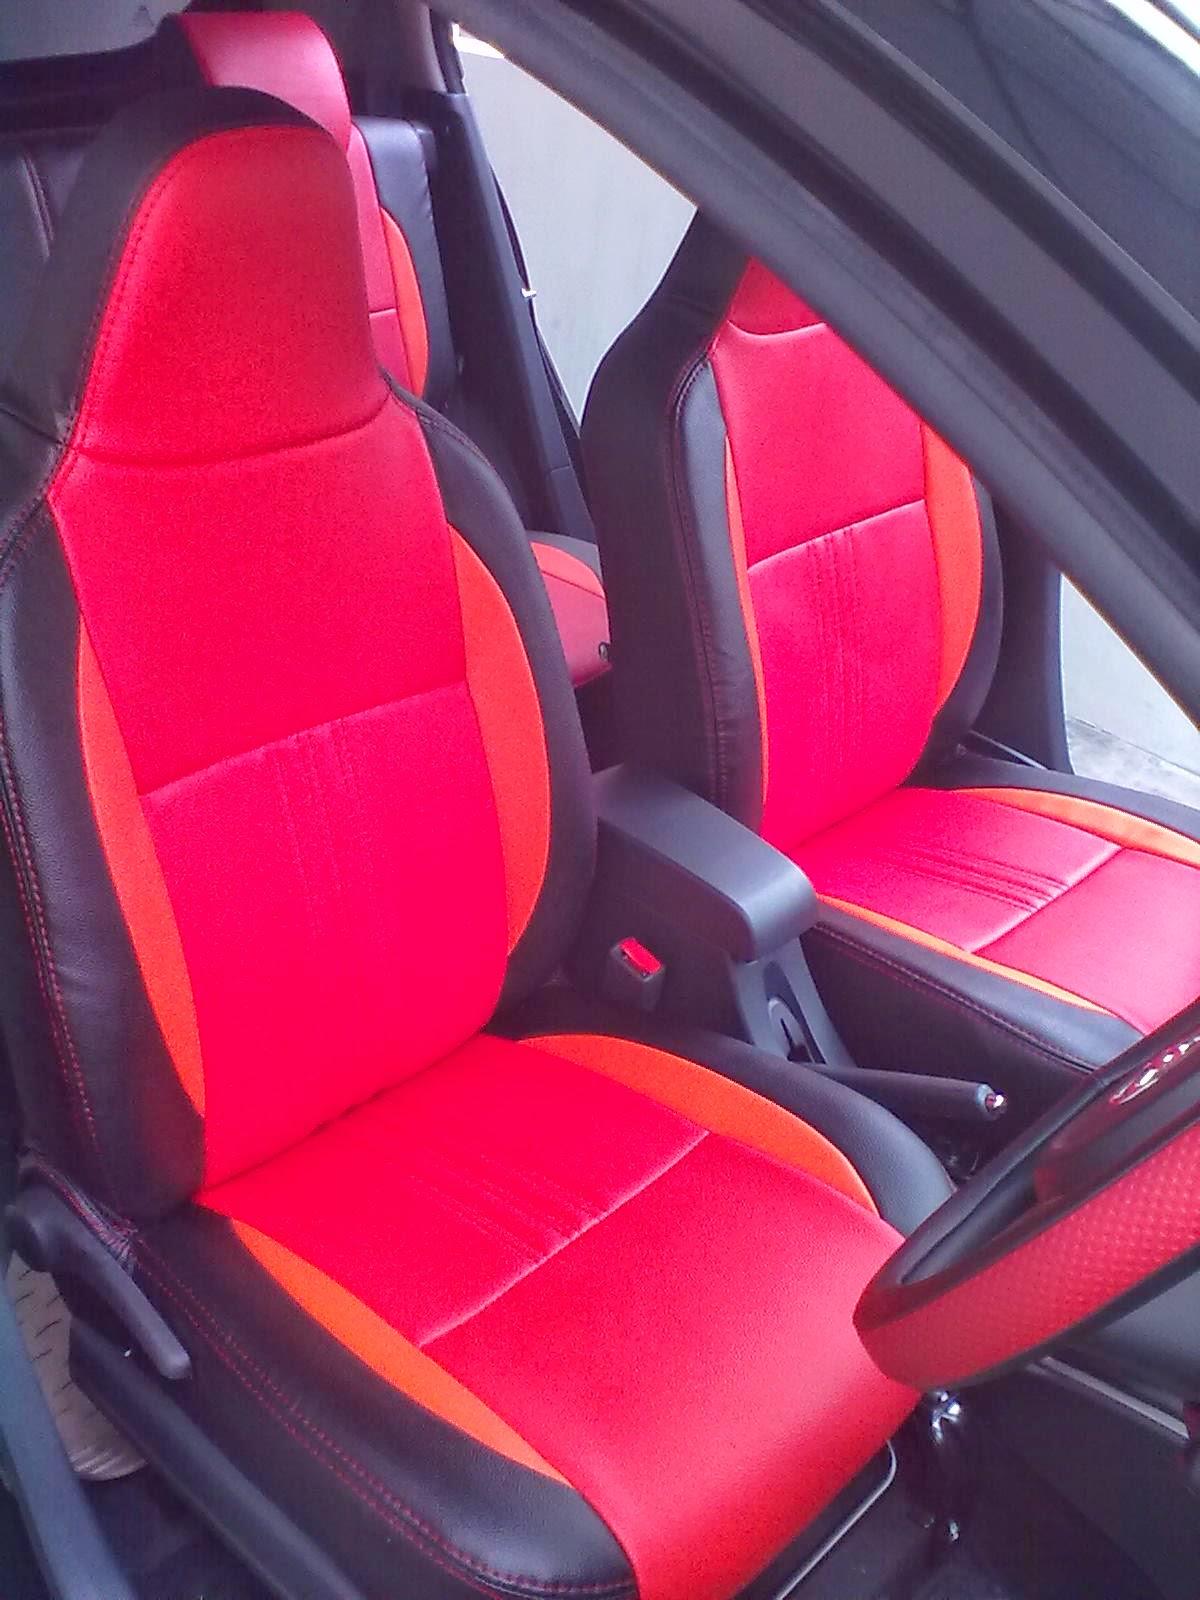 New Agya G Vs Trd Toyota Yaris Spoiler Gambar Modifikasi Jok Terlengkap | ...